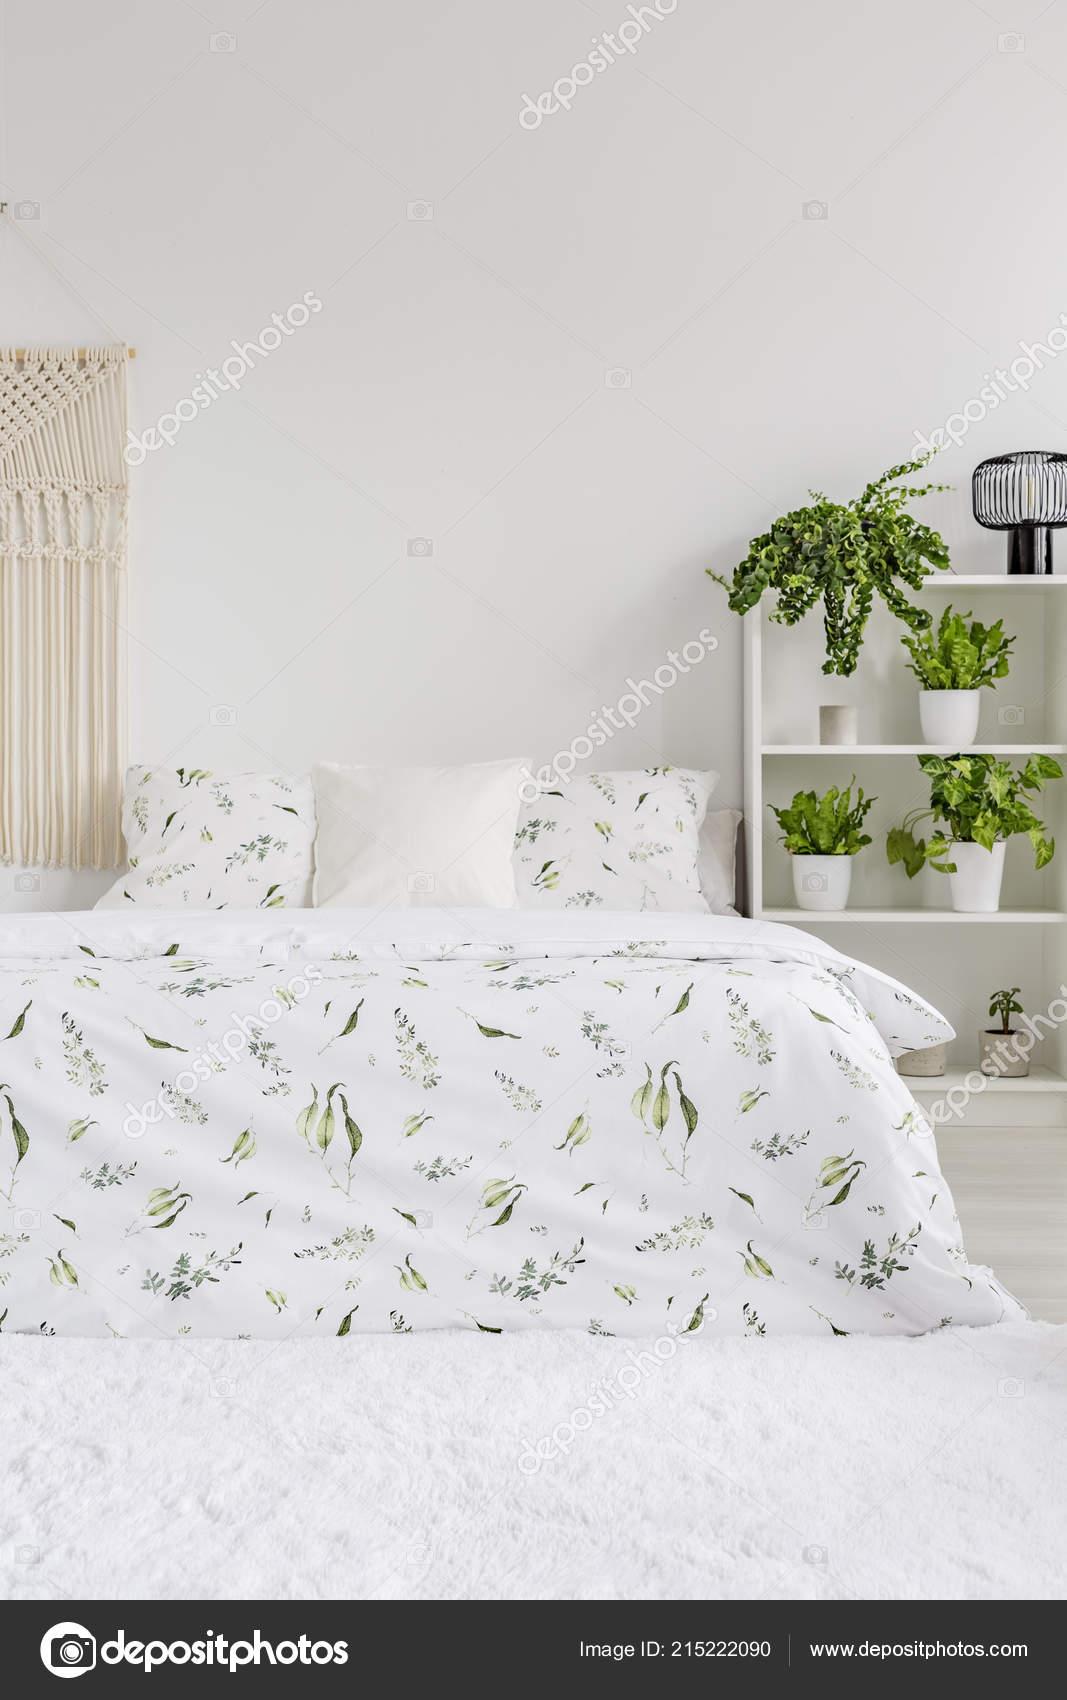 Skandinavischen Stil Schlafzimmer Innenraum Mit Grünpflanzen Muster ...